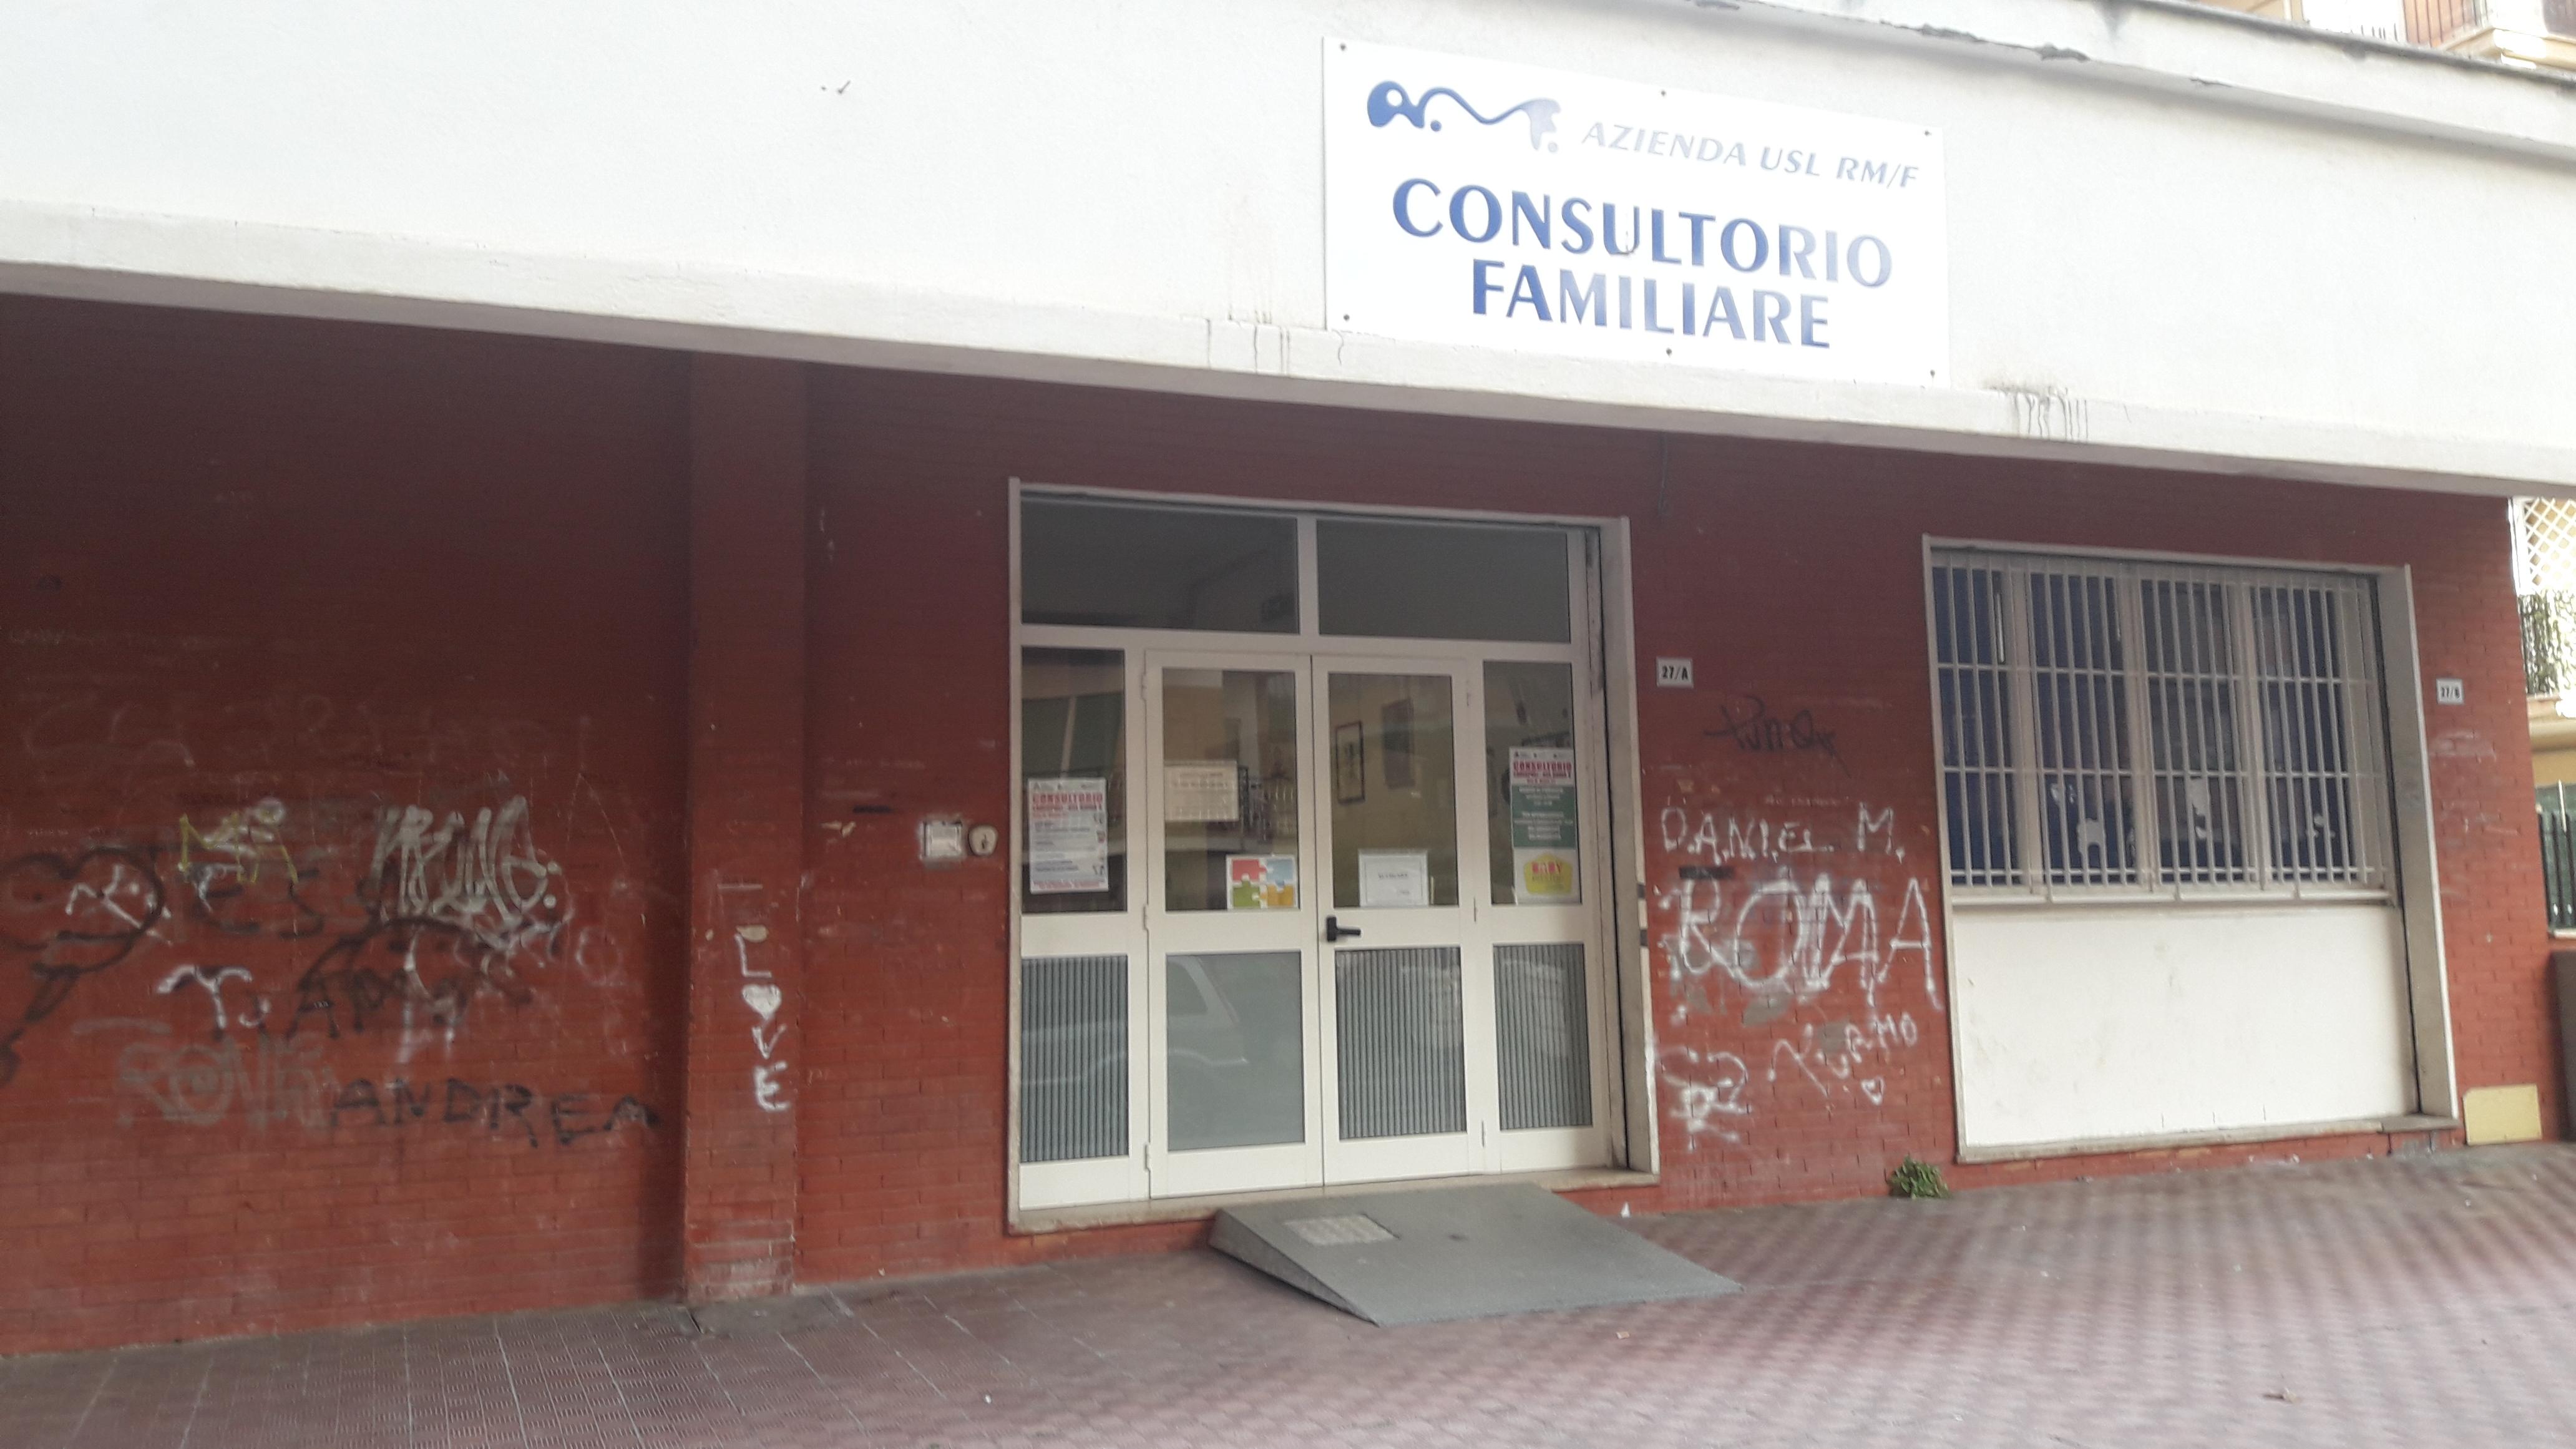 Consultorio familiare di Ladispoli, un bene comune - OrticaWeb